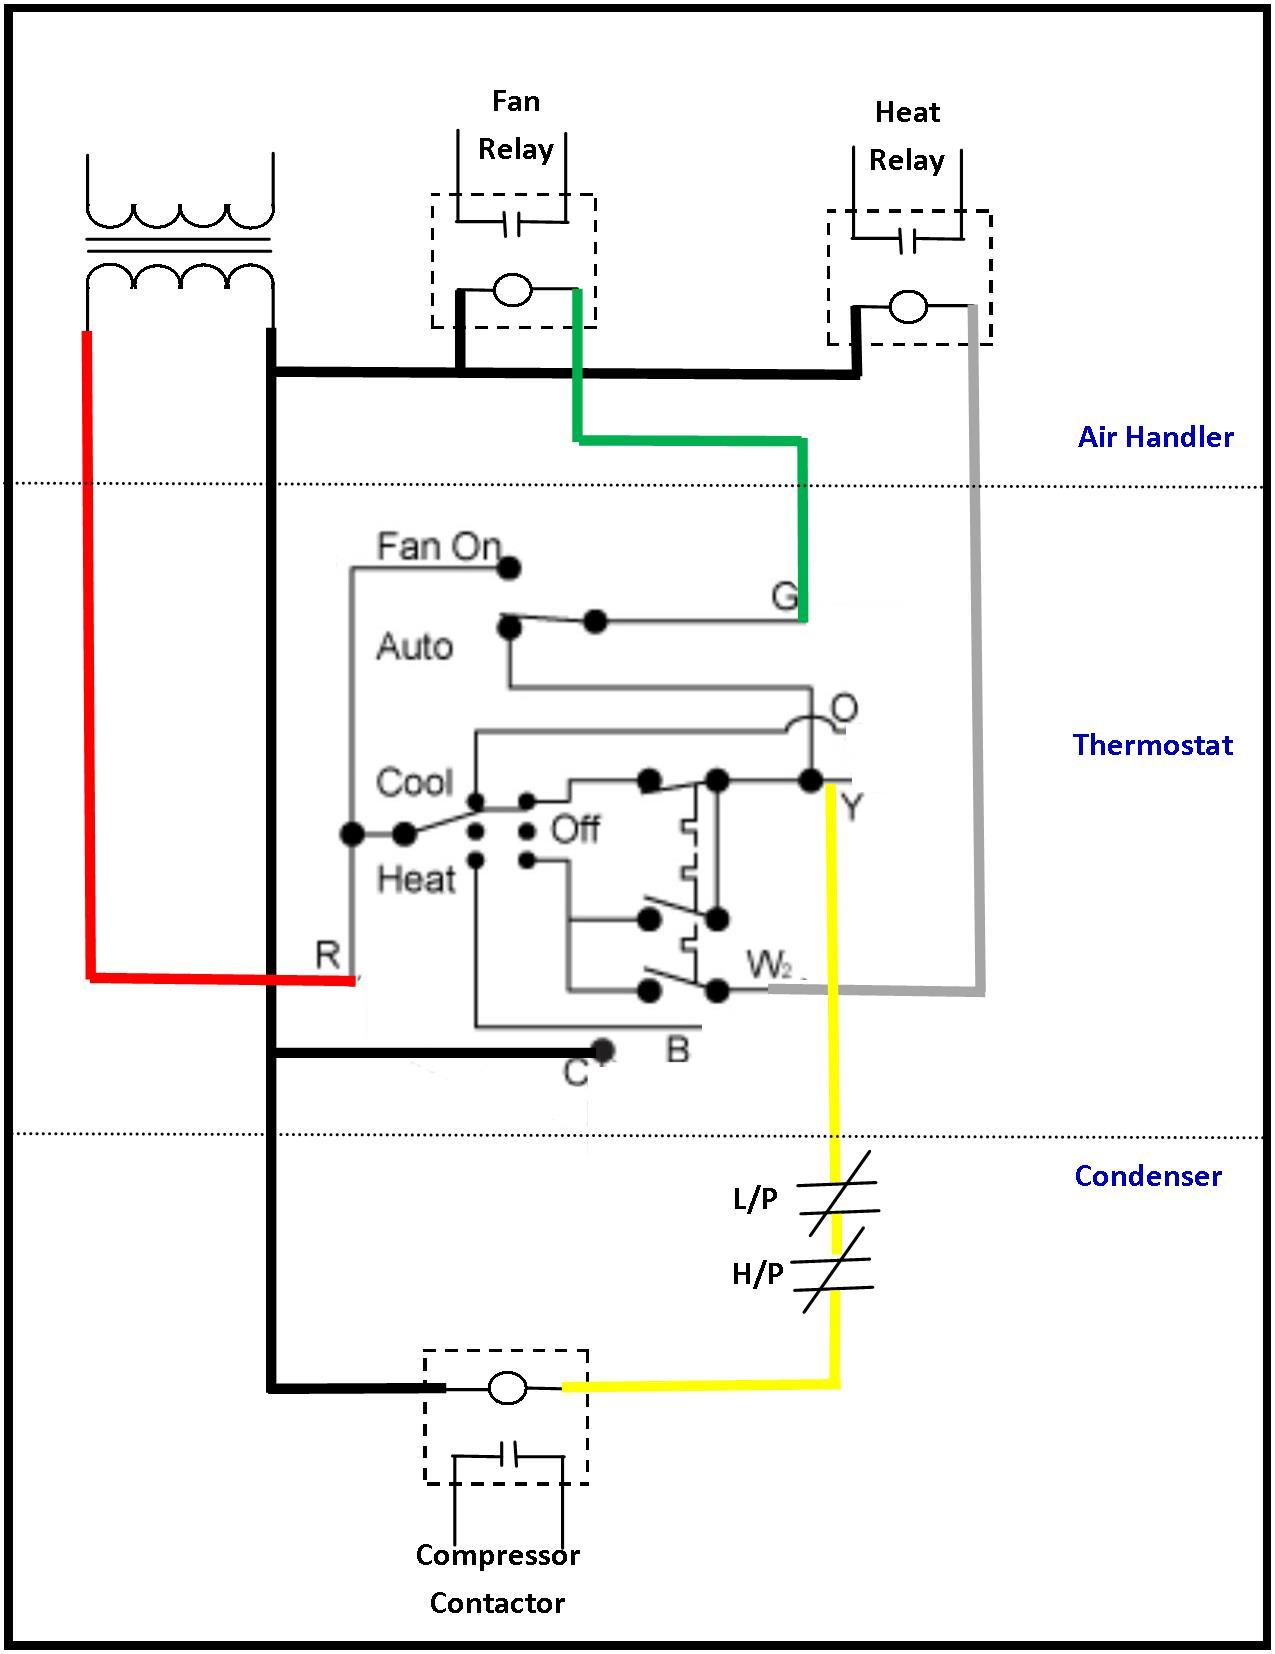 Hvac Blower Motor Relay Wiring Diagram | Wiring Diagram - Hvac Relay Wiring Diagram